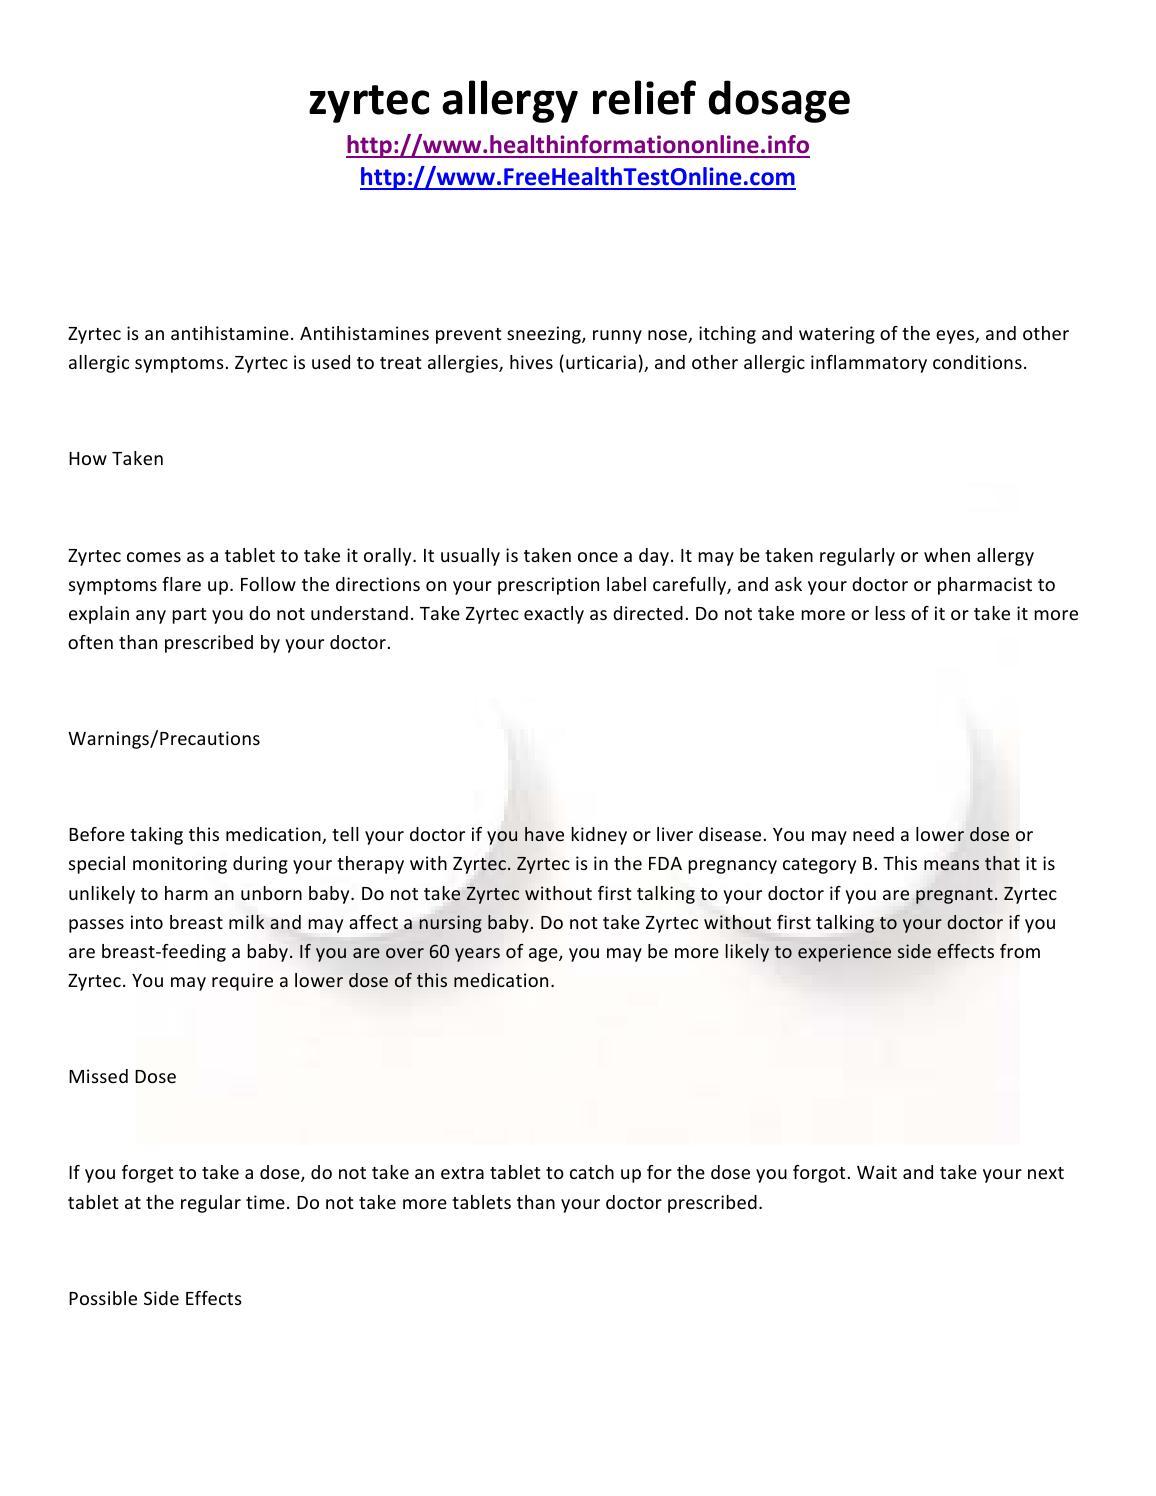 Zyrtec allergy relief dosage by healthinformationonline - issuu